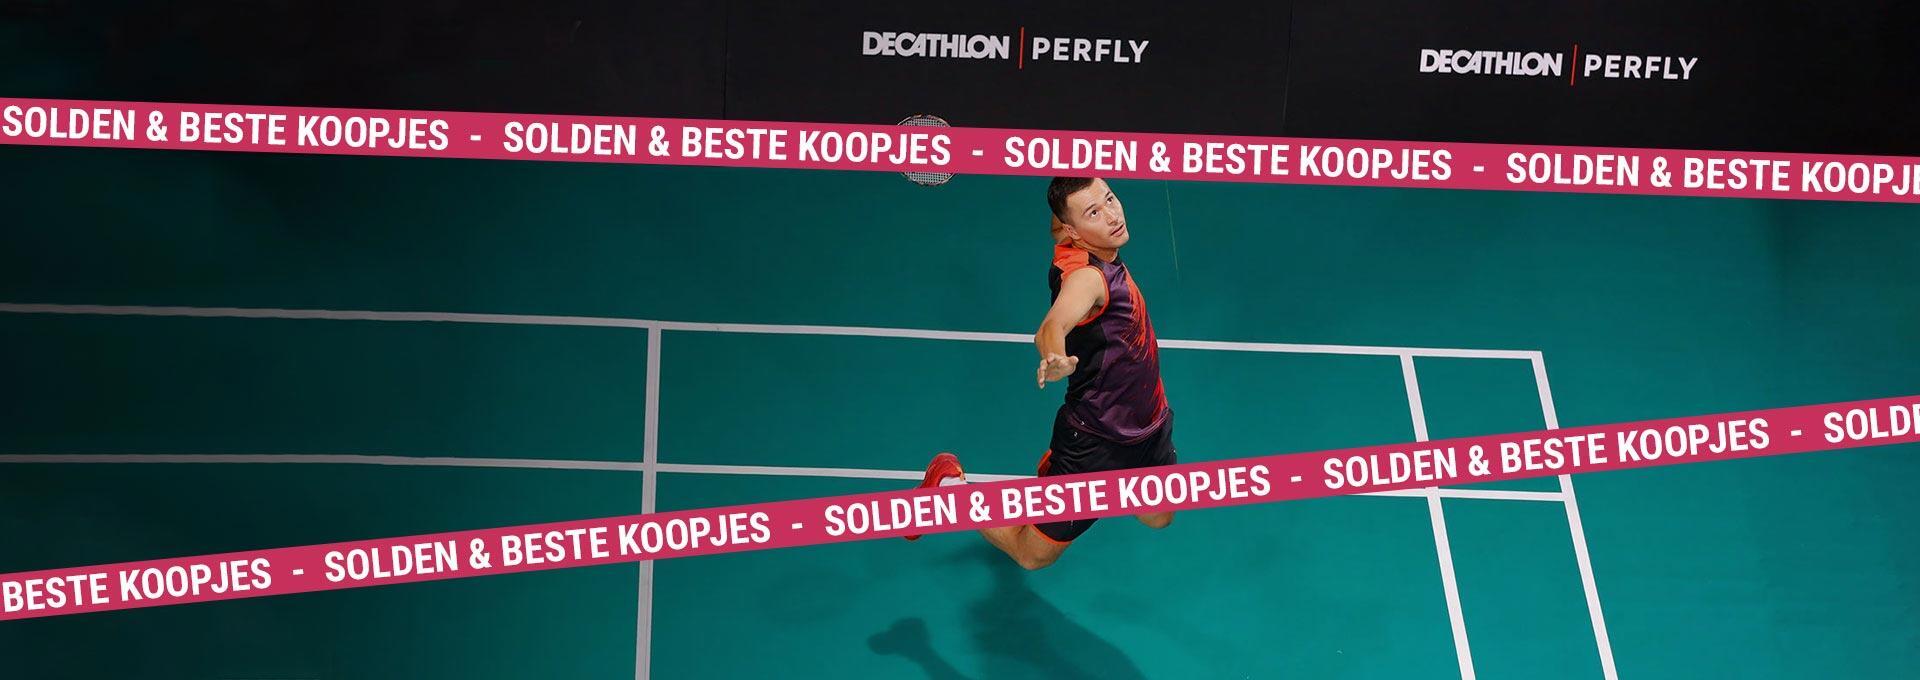 badminton solden